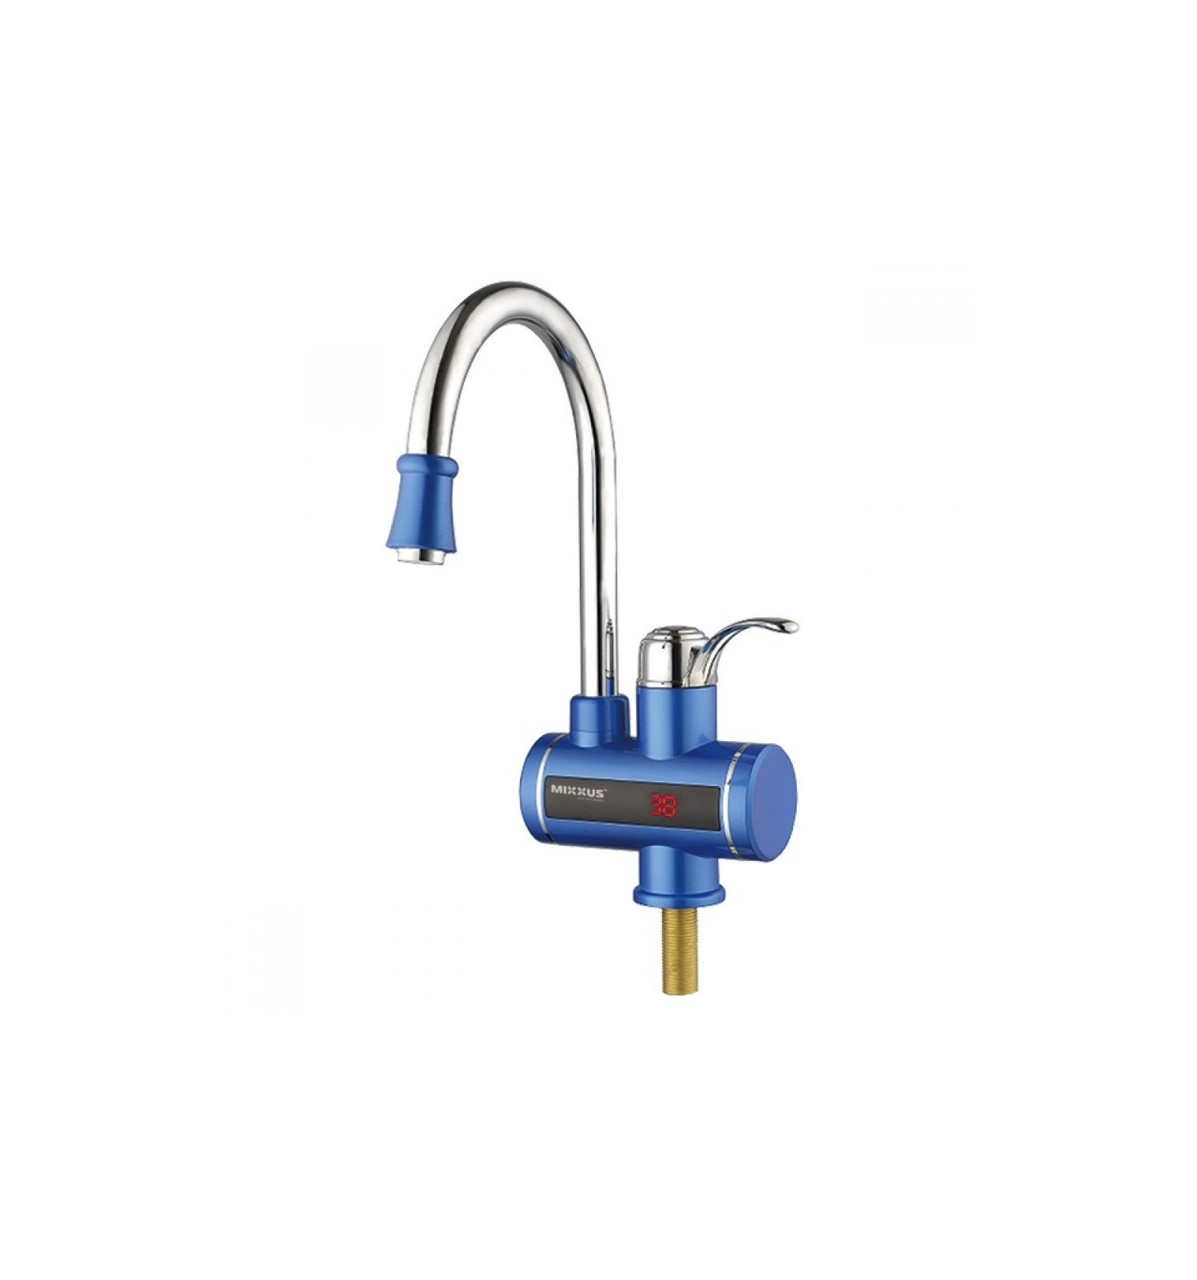 Водонагреватель 3 kW проточный с индикатором температуры .MX Electra 240-E Blue